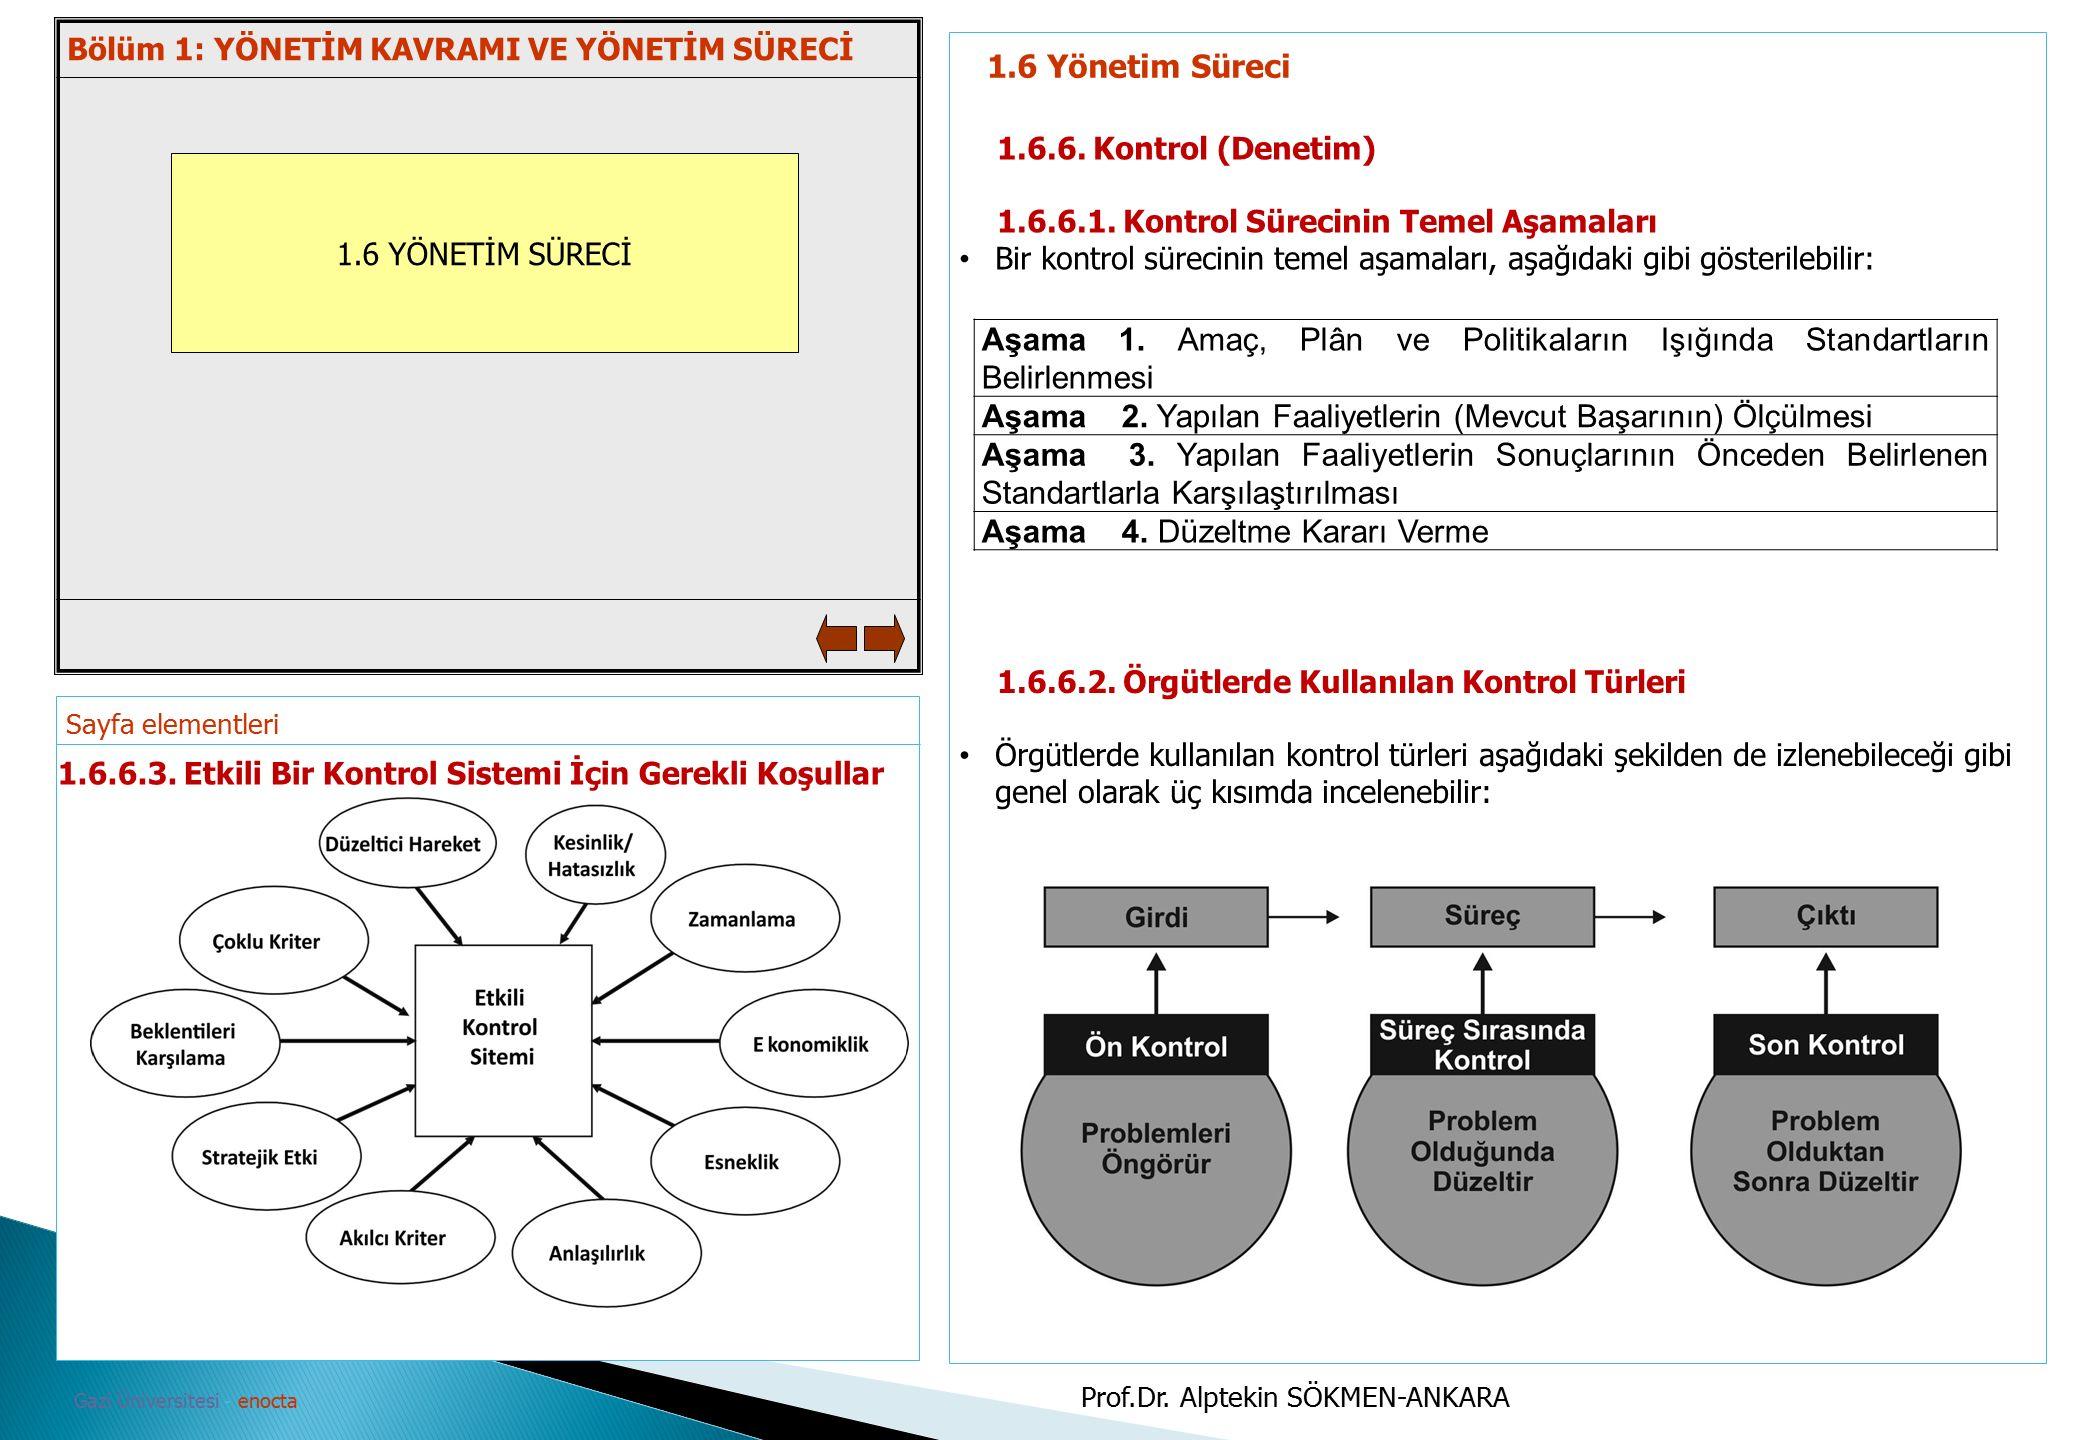 Sayfa elementleri Gazi Üniversitesi - enocta 1.6 YÖNETİM SÜRECİ 1.6 Yönetim Süreci 1.6.6. Kontrol (Denetim) 1.6.6.1. Kontrol Sürecinin Temel Aşamaları